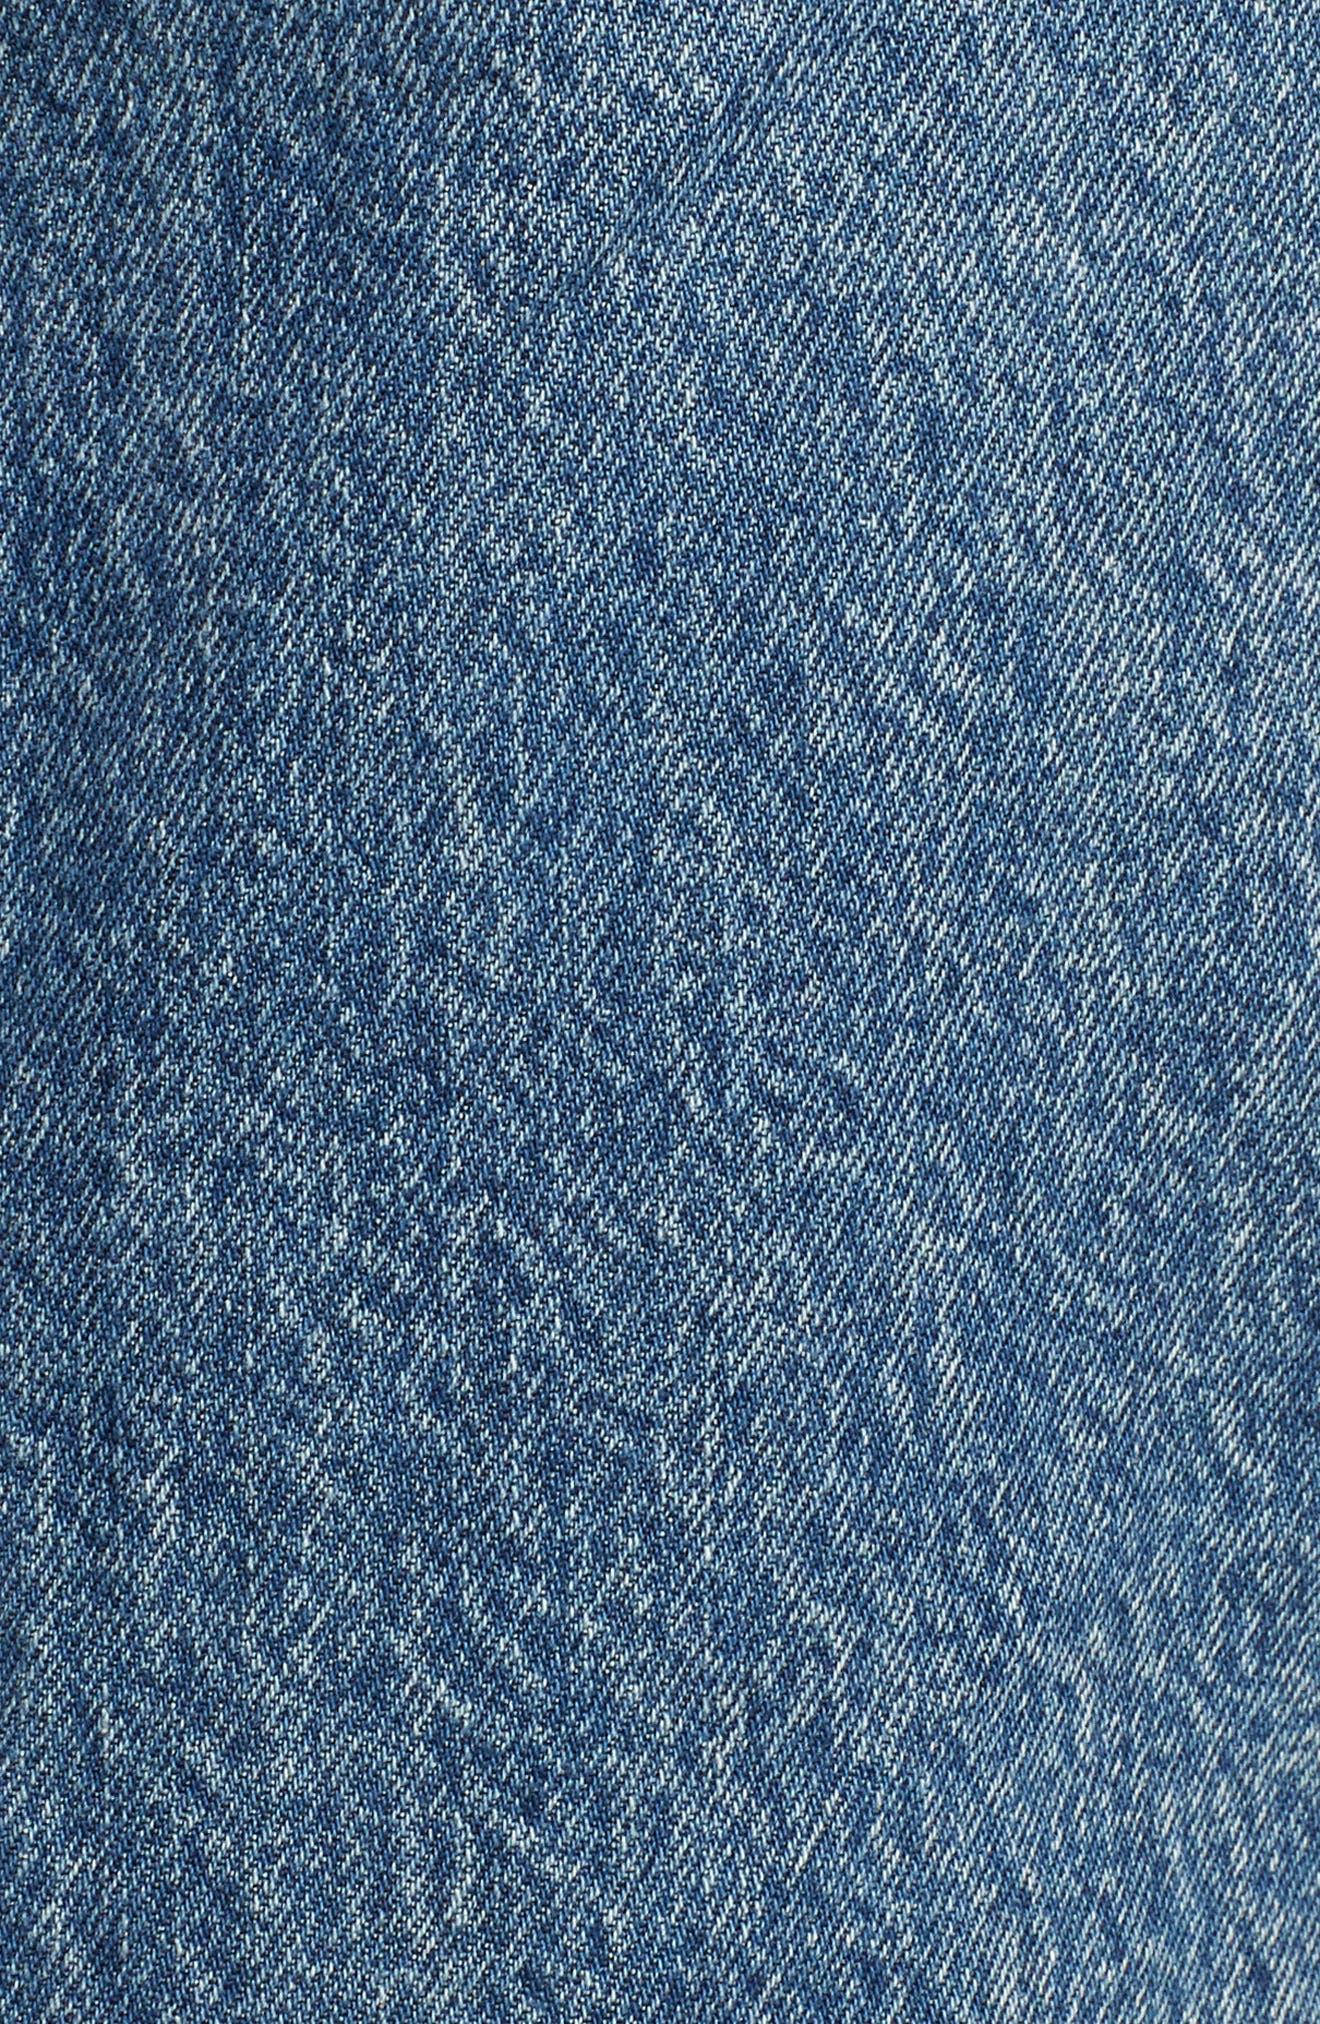 Mom Bow Back Denim Skirt,                             Alternate thumbnail 6, color,                             420